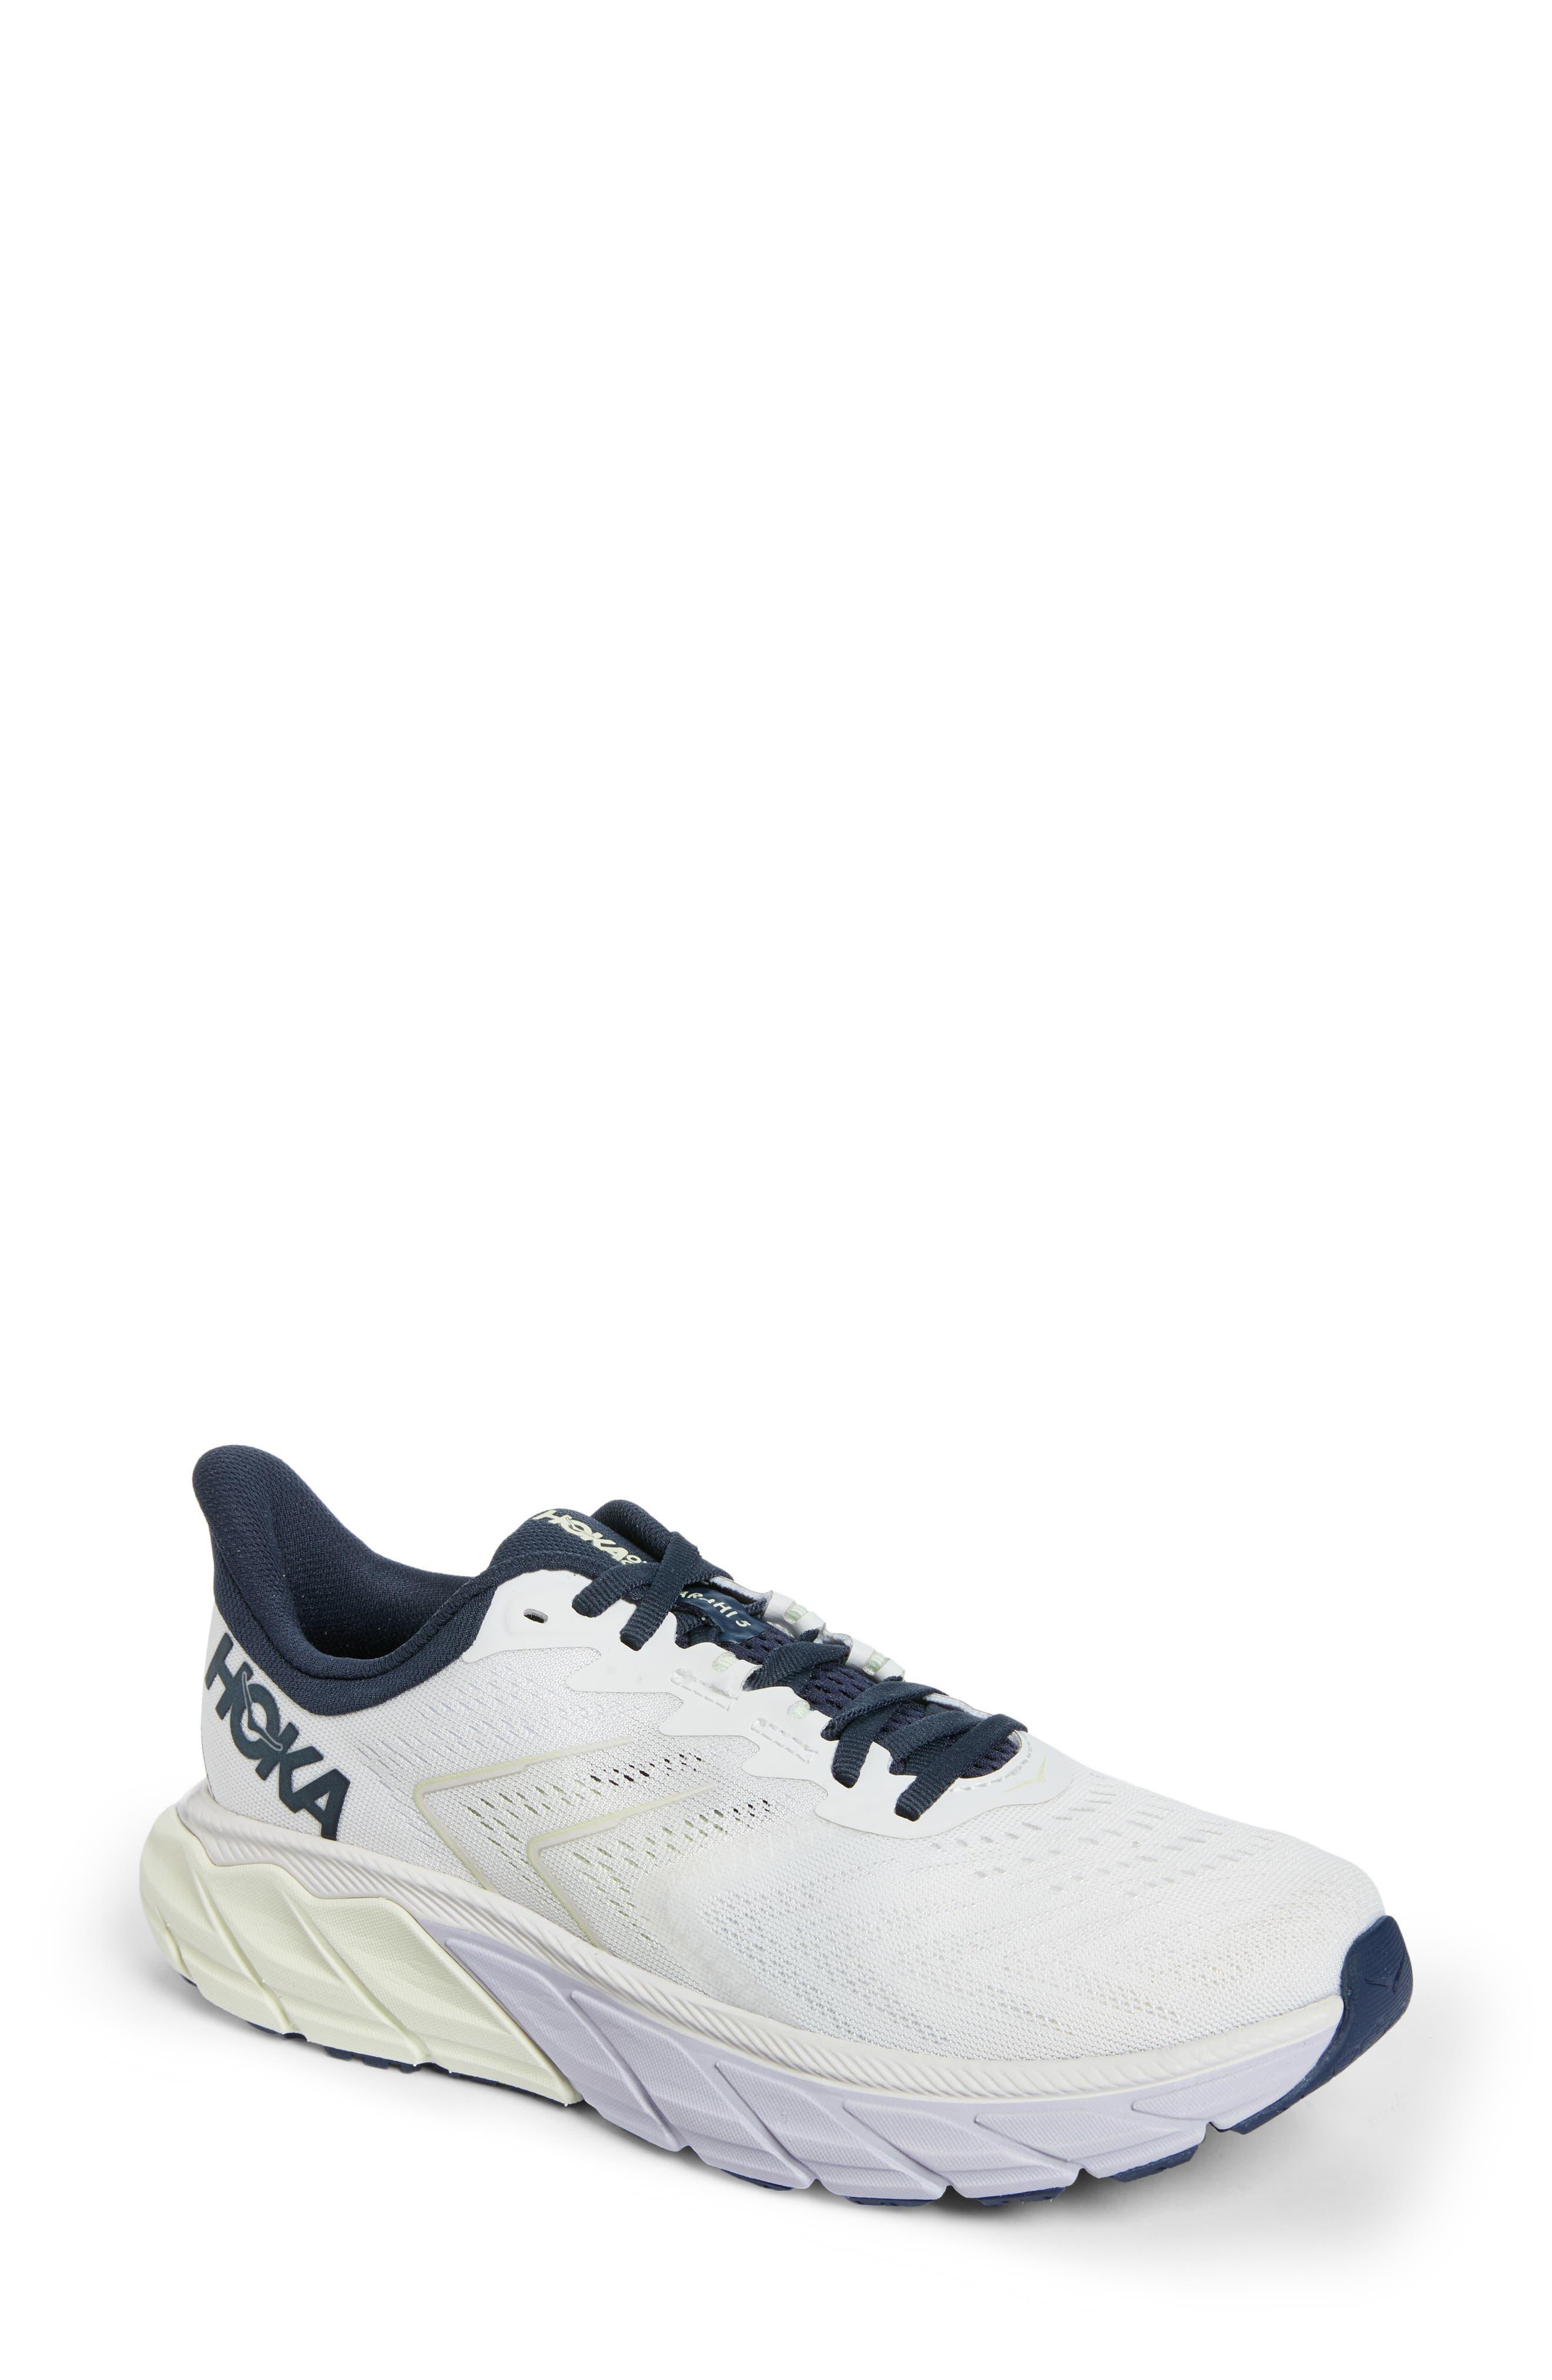 Arahi 5 Running Shoe